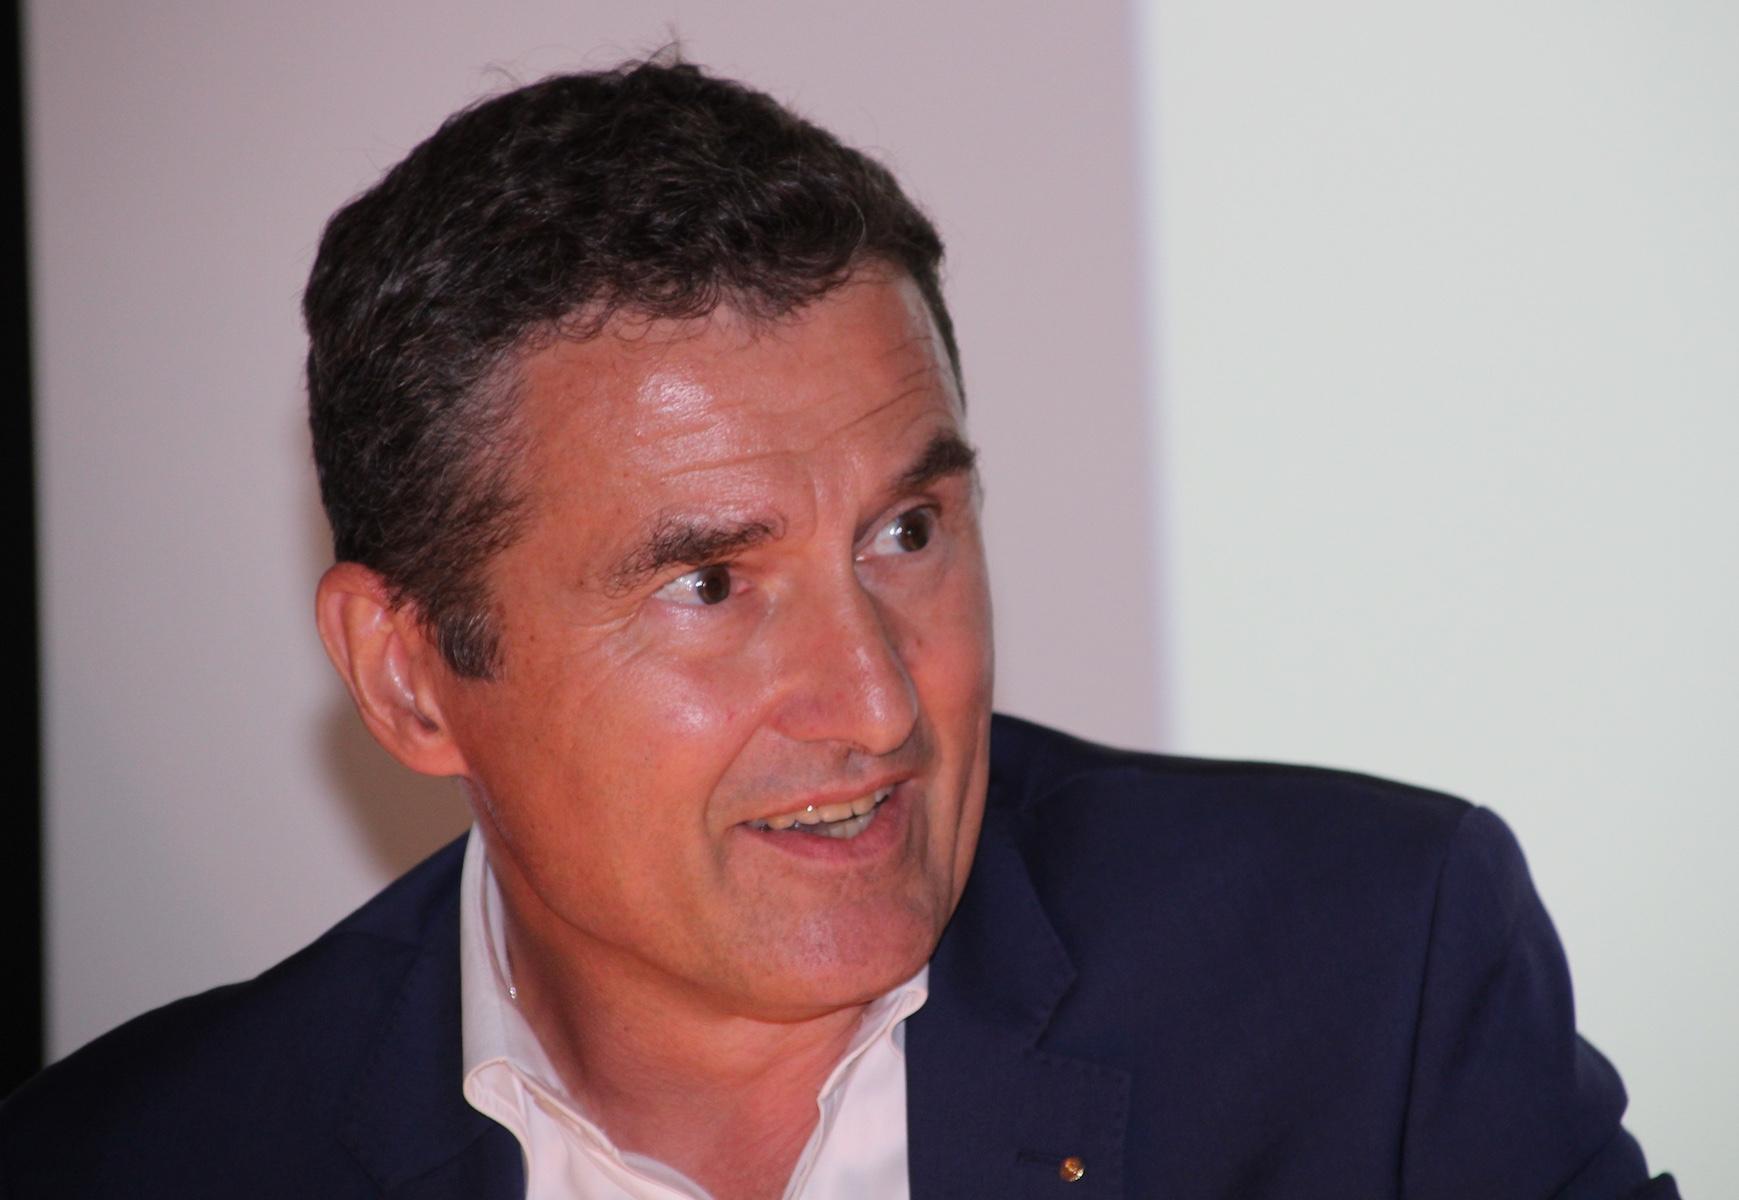 André Wicki, SVP-Stadtrat und Bauchef von Zug.